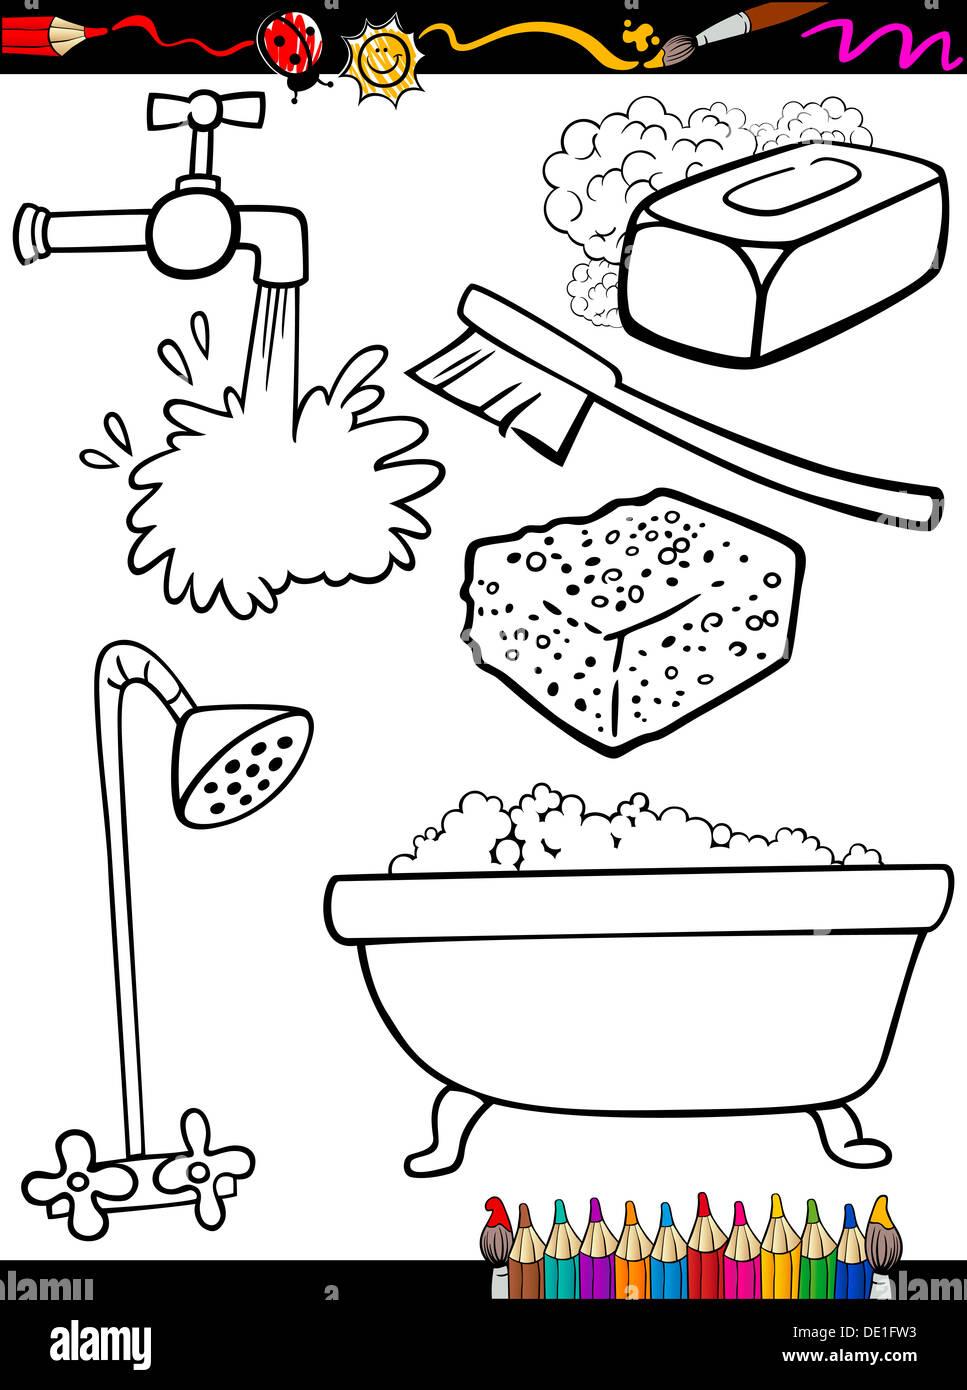 Libro Para Colorear De Página O Ilustración De Caricatura En Blanco